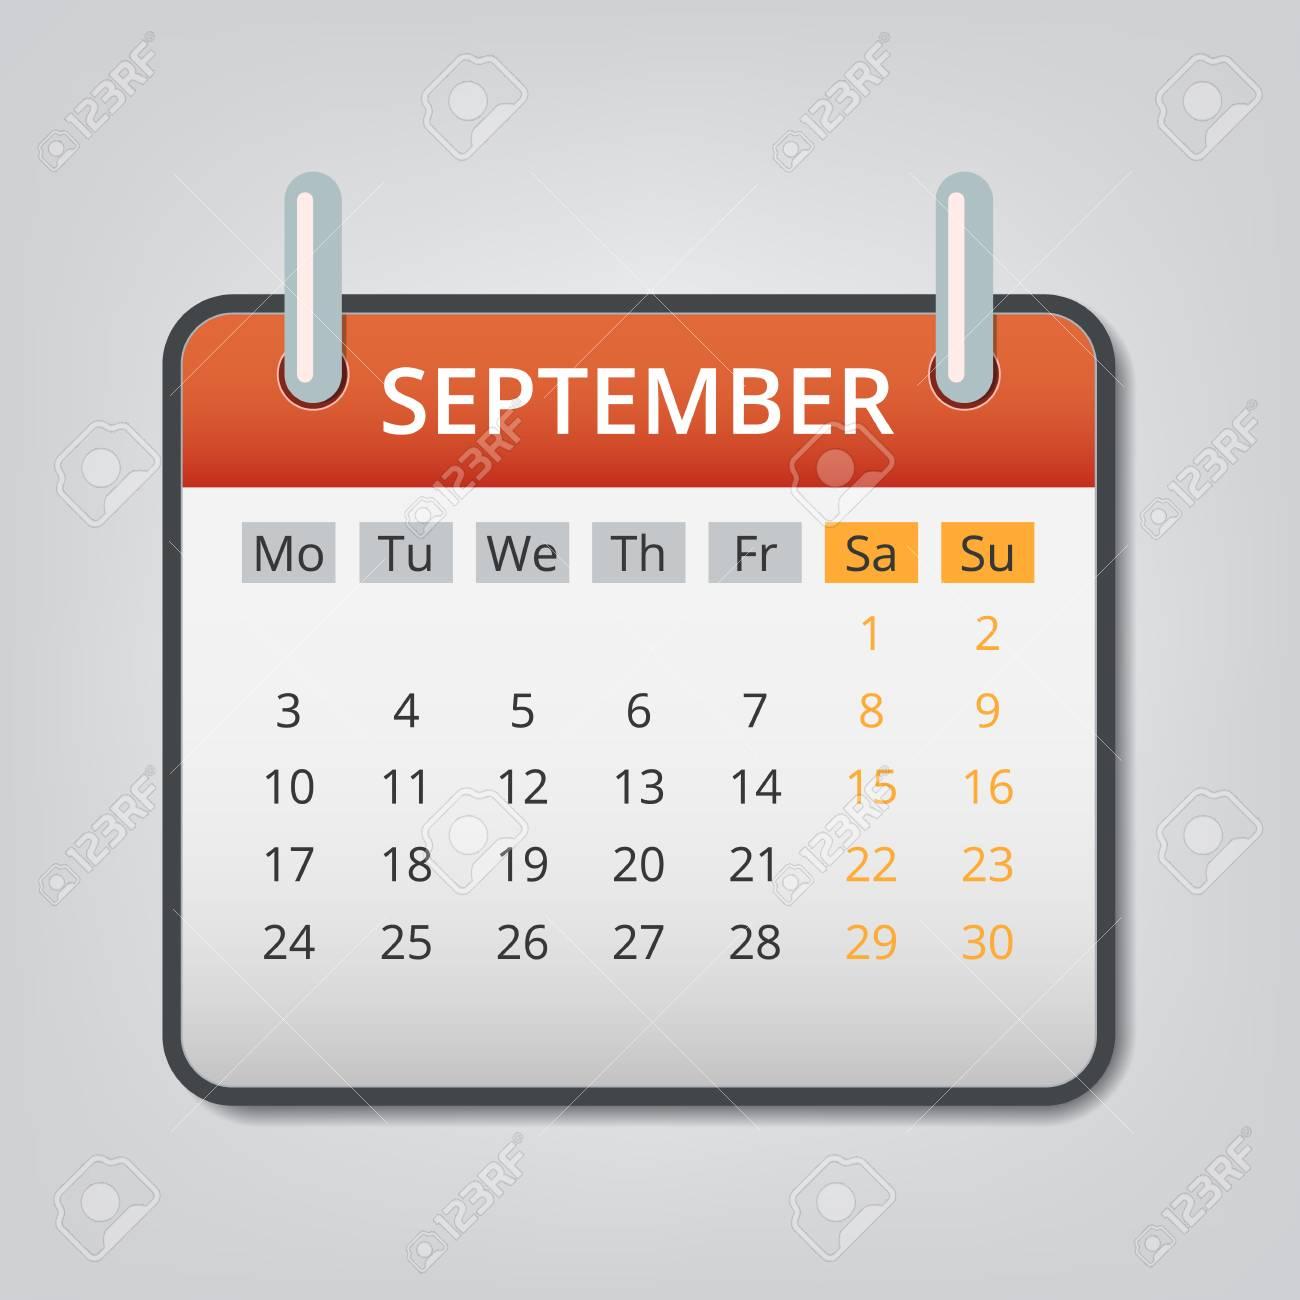 Calendario Dibujo Septiembre.Fondo Del Concepto Del Calendario De Septiembre De 2018 Ilustracion De Dibujos Animados De Septiembre De 2018 Calendario Vector Concepto De Fondo Para